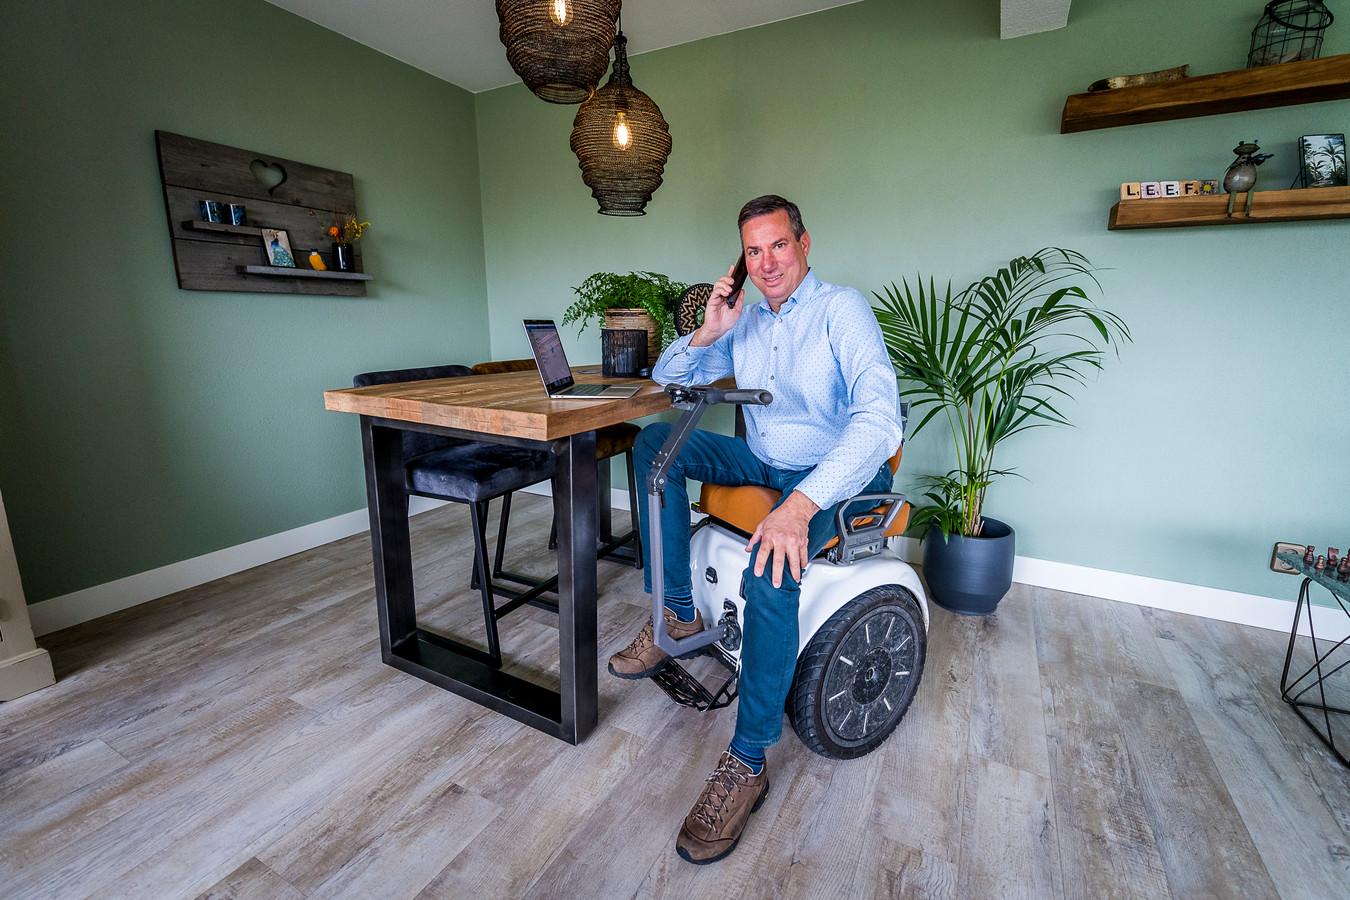 Rob de Bruin heeft de spierziekte FSHD en is sinds een val rolstoel gebonden, een Segway-rolstoel op twee wielen is voor hem een uitkomst.